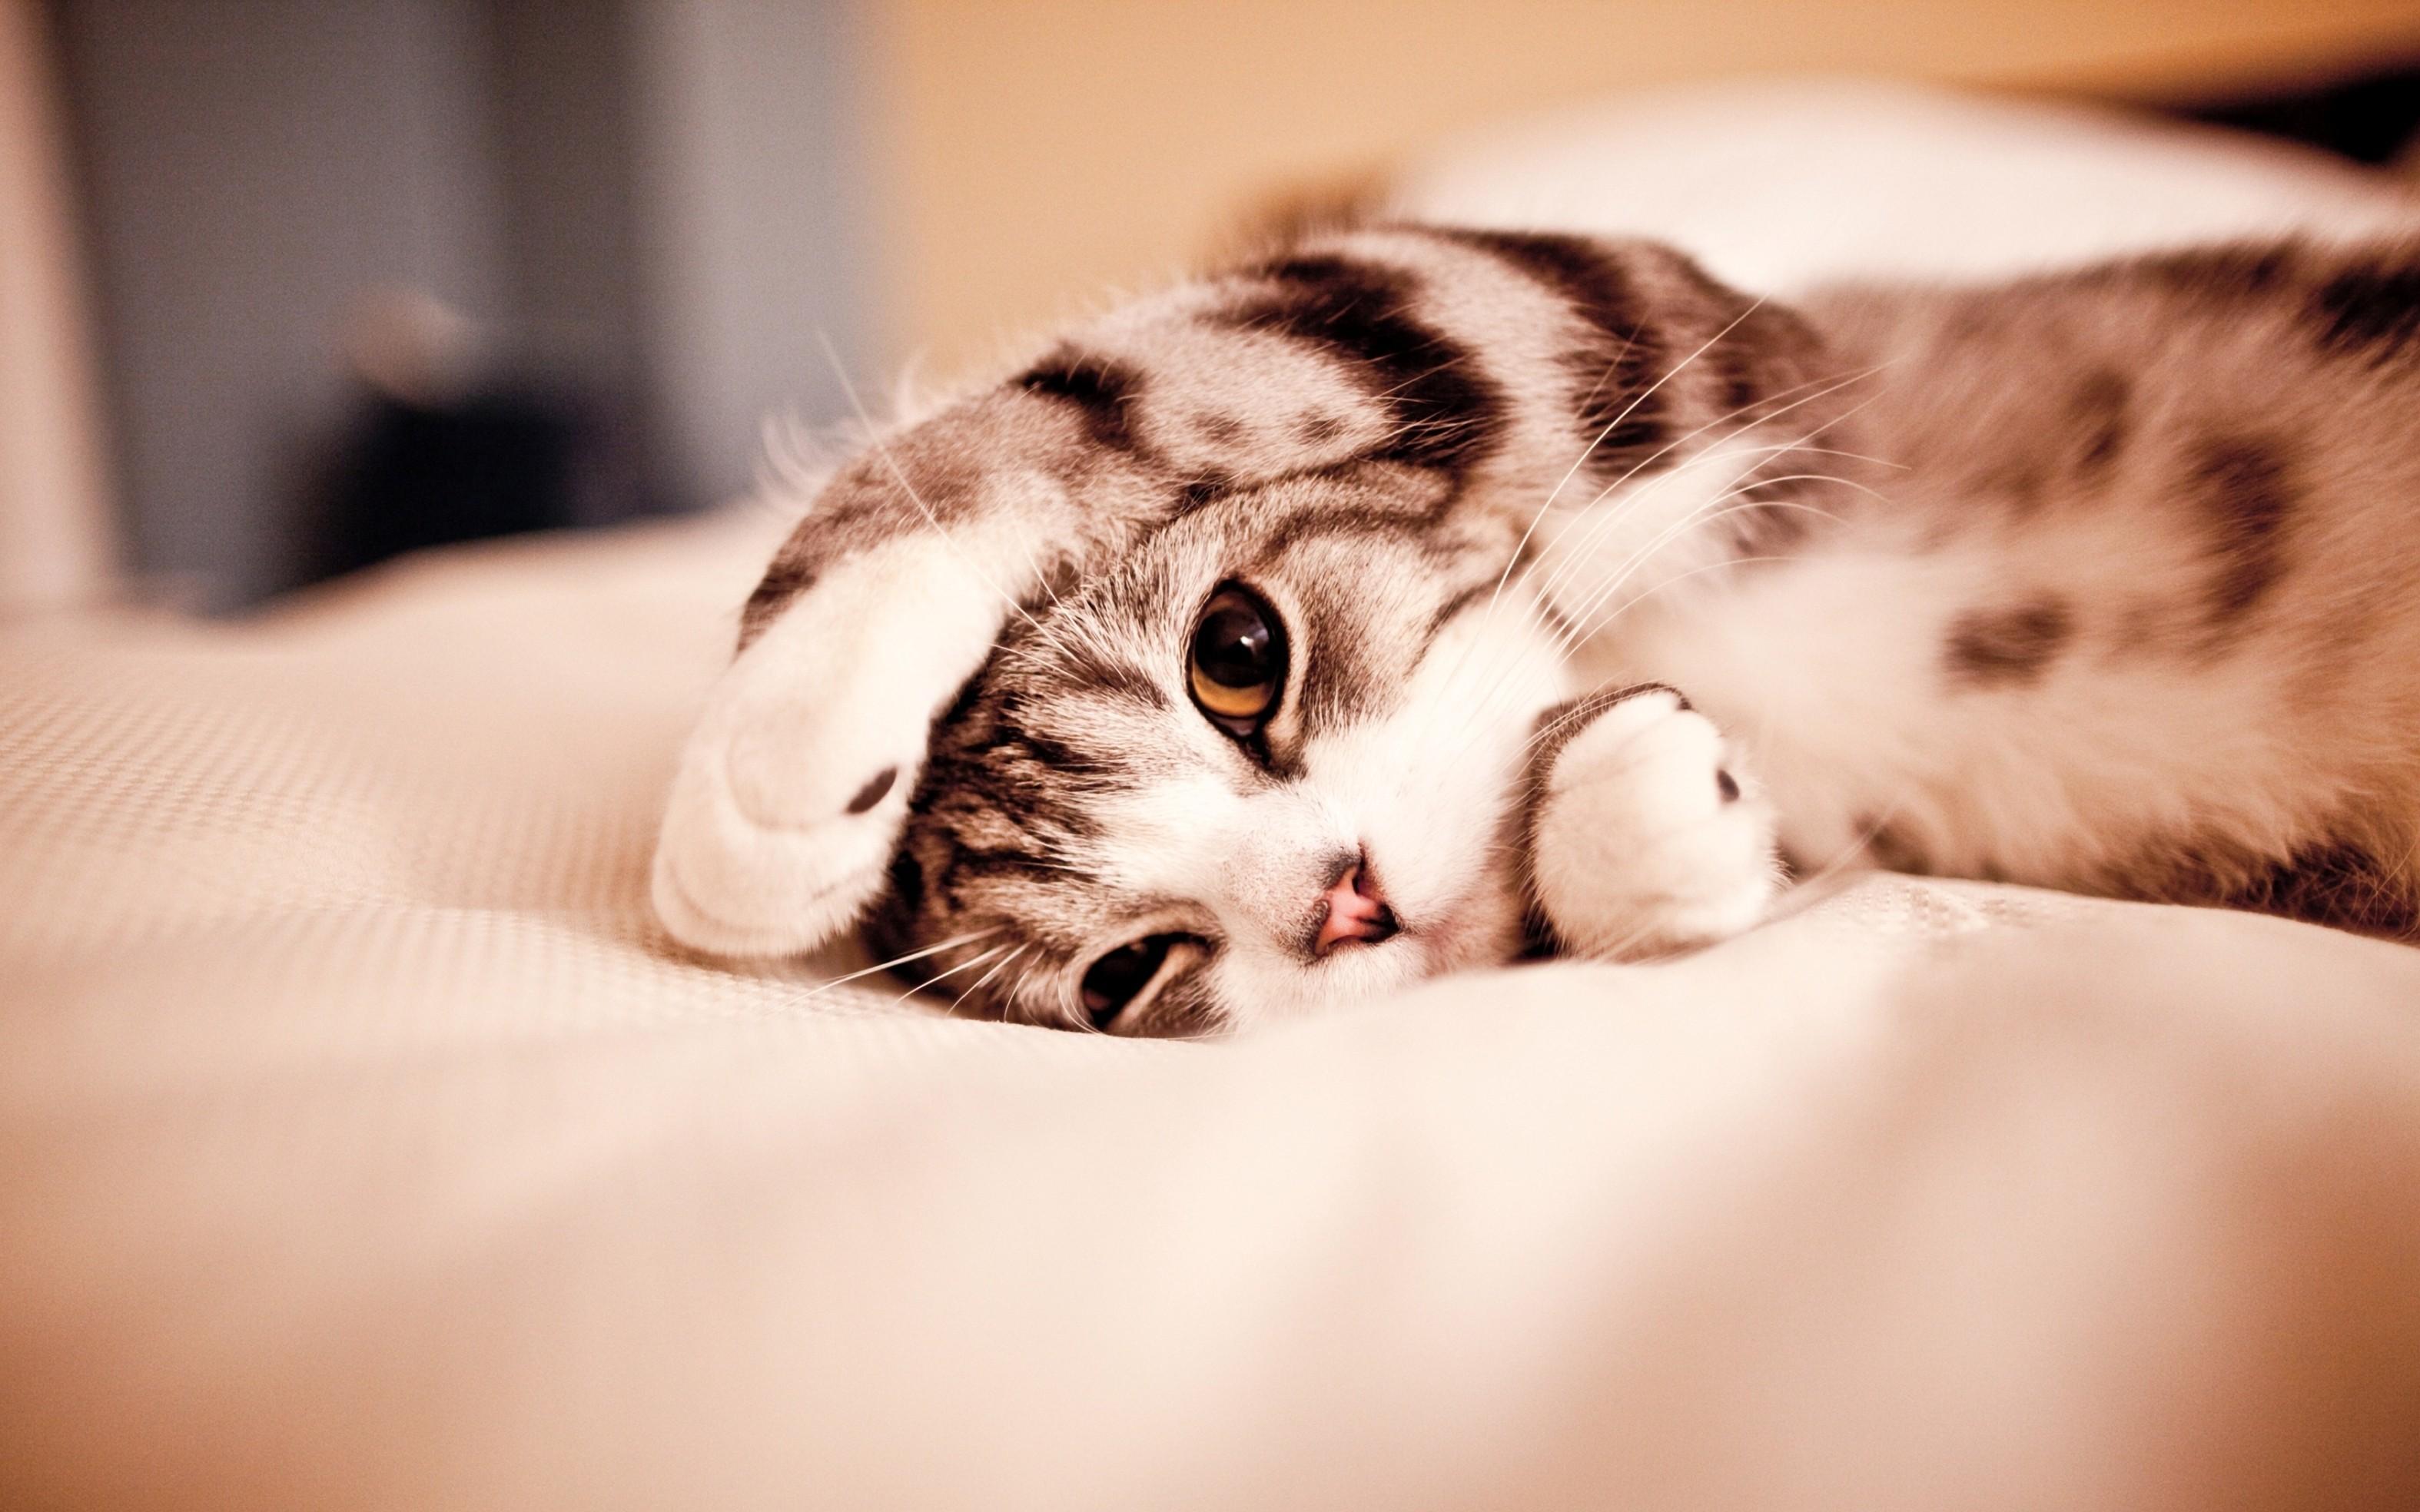 Hình nền mèo đáng yêu ngộ nghĩnh đẹp nhất